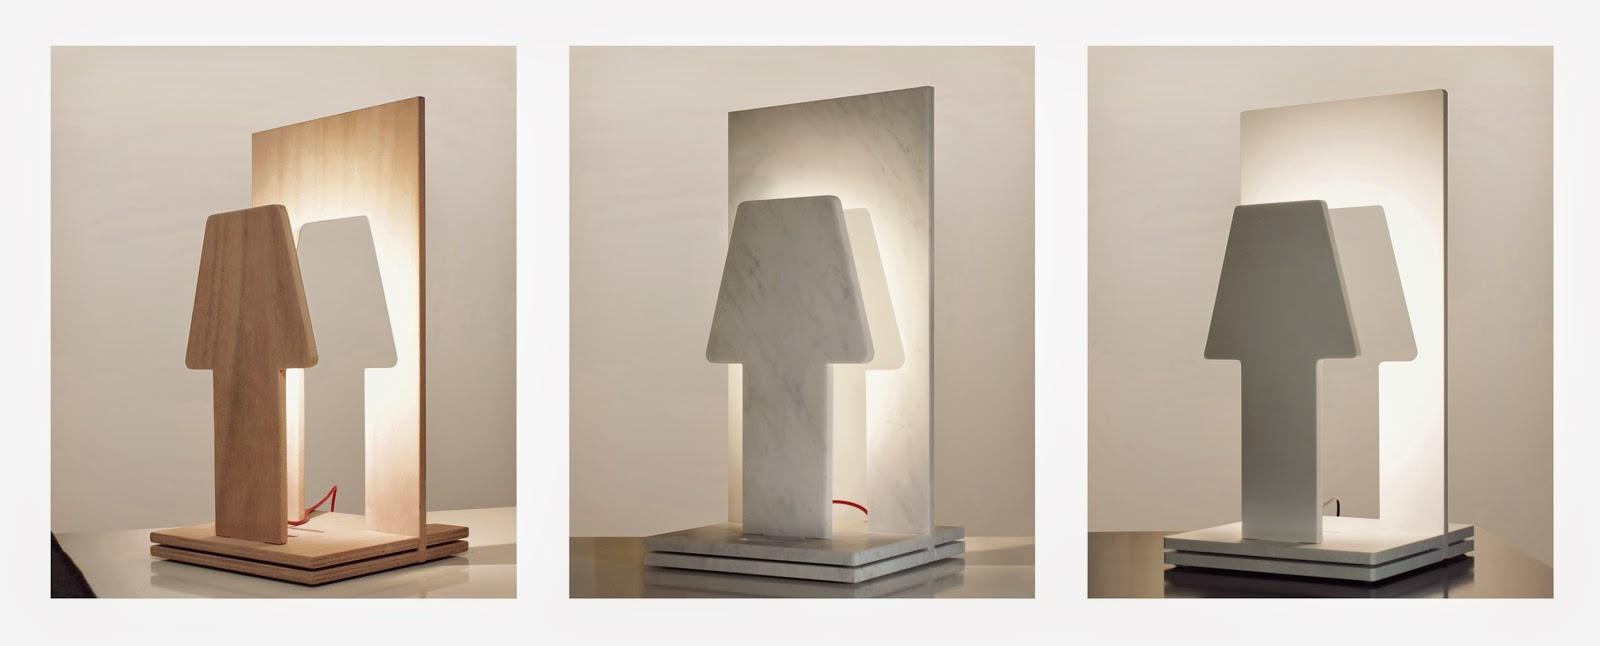 Lampade in legno design - Mobili antichi modernizzati ...